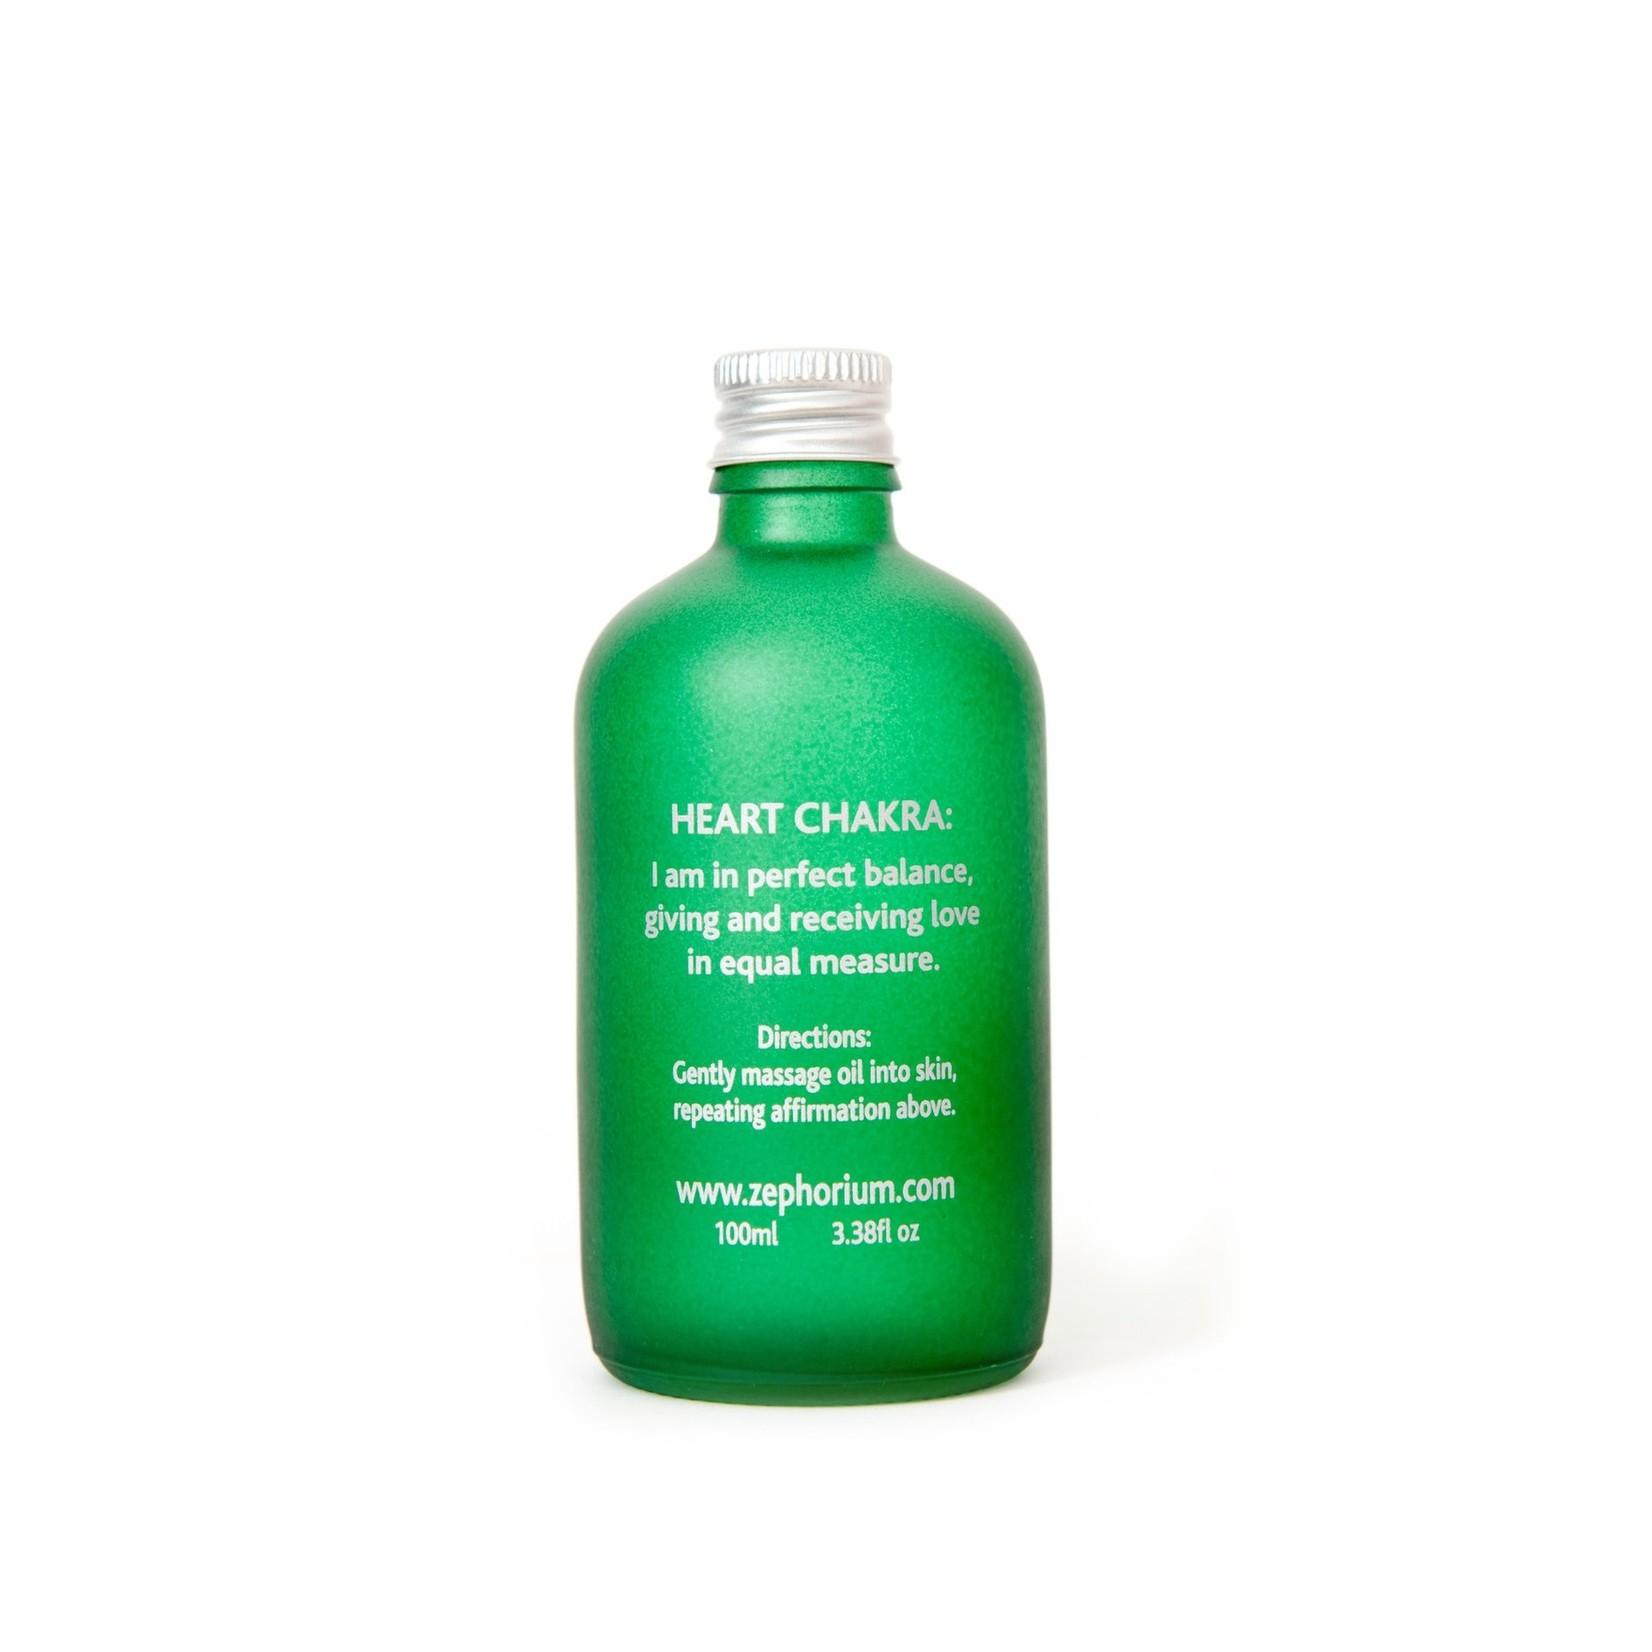 Zephorium Emerald body & massage oil Zephorium - hartchakra